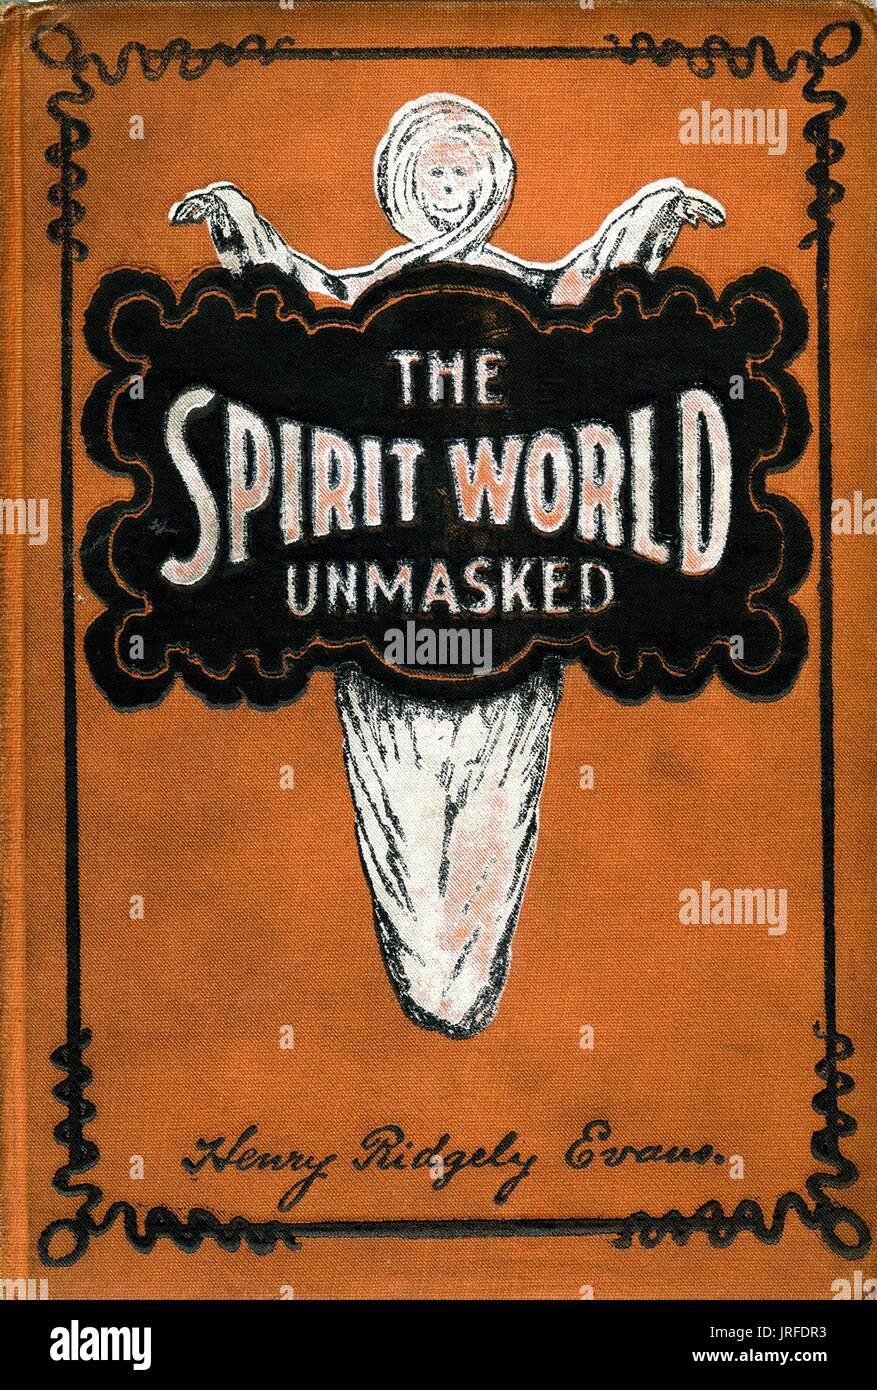 Die geistige Welt demaskiert, okkulte Buch Cover mit einer Abbildung, eines Geistes, seine Arme mit einer schwarzen Wolke, in dem das Buch gedruckt ist, 1900. Stockbild